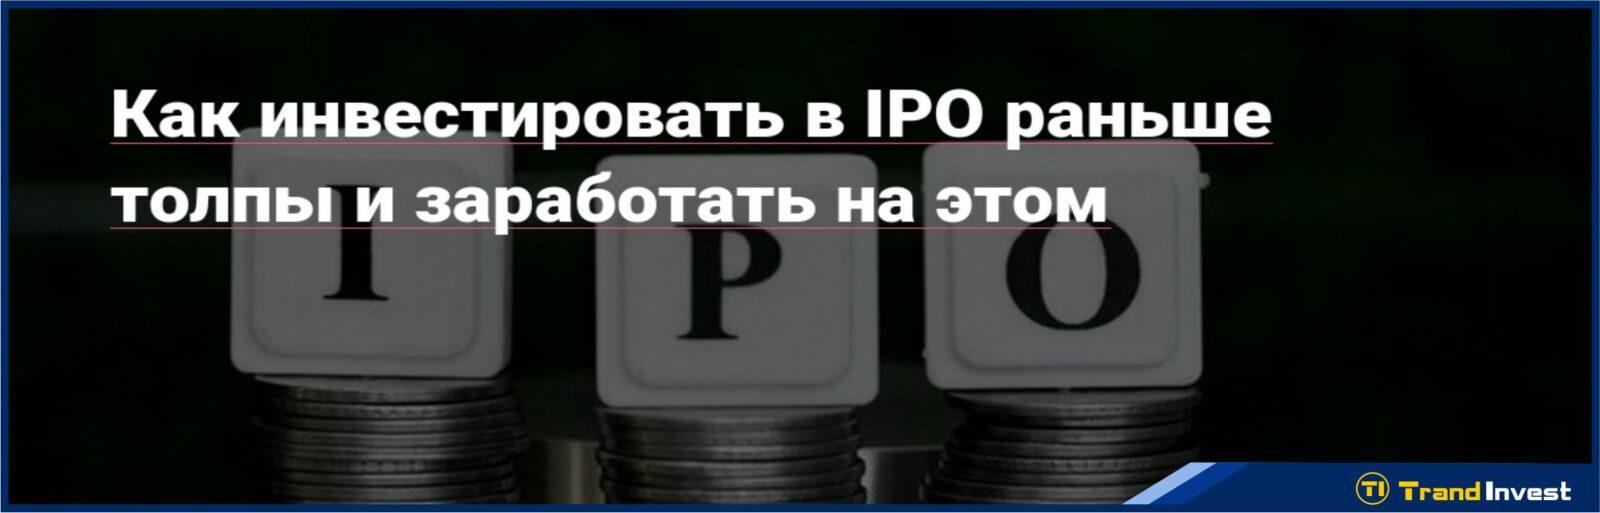 Как инвестировать в ipo сегодня